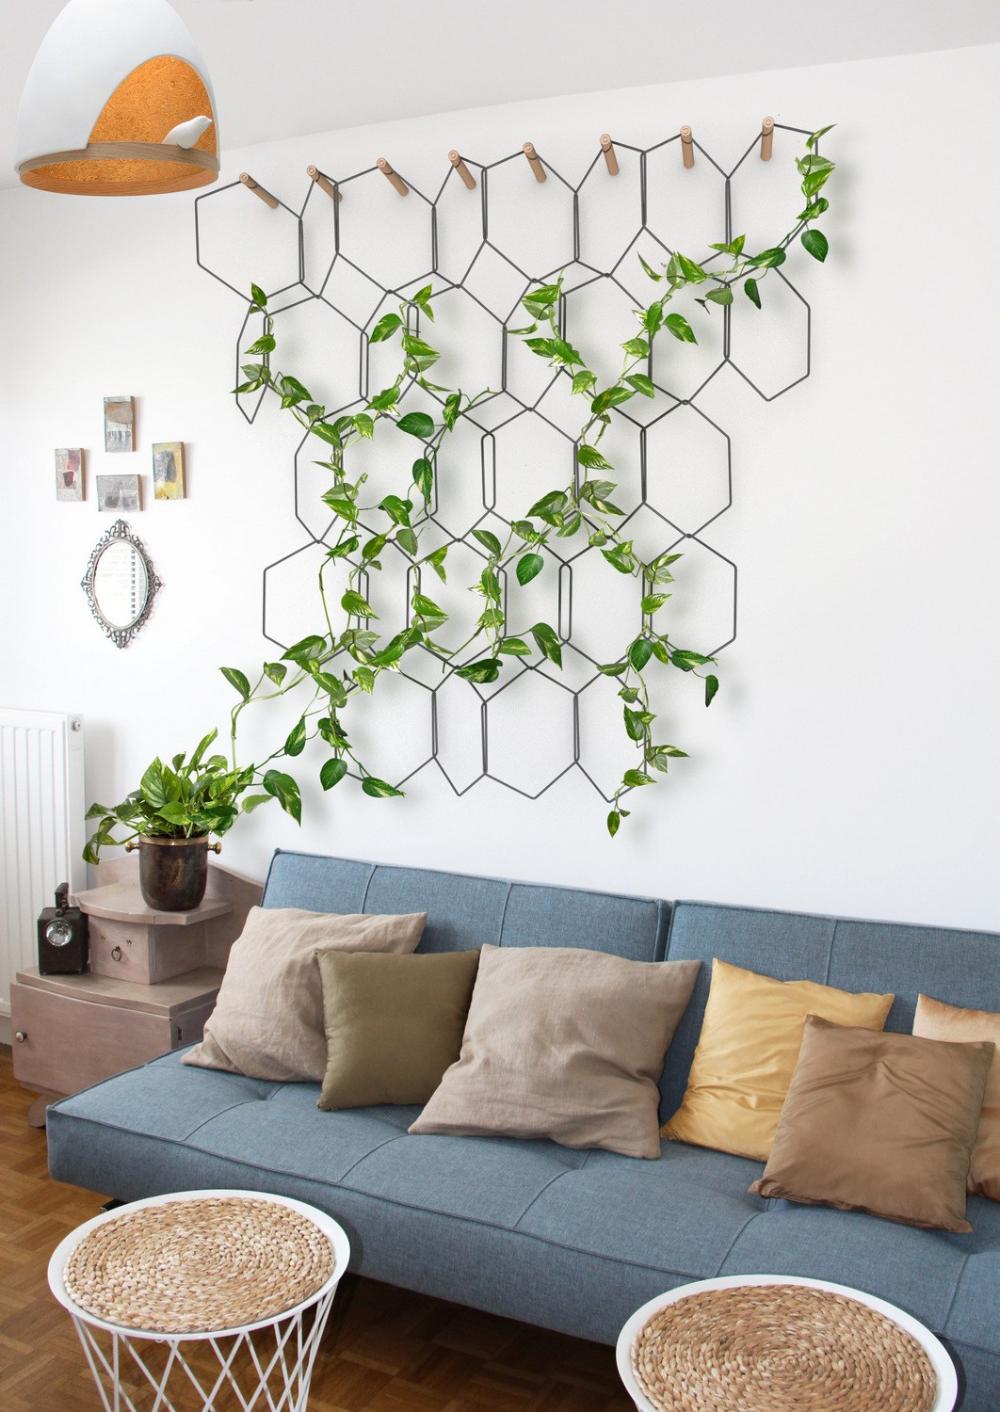 Metal Vertical Gardening Trellis Anno By Compagnie In 2020 Plant Decor Indoor Plants Indoor Design Wall Garden Indoor